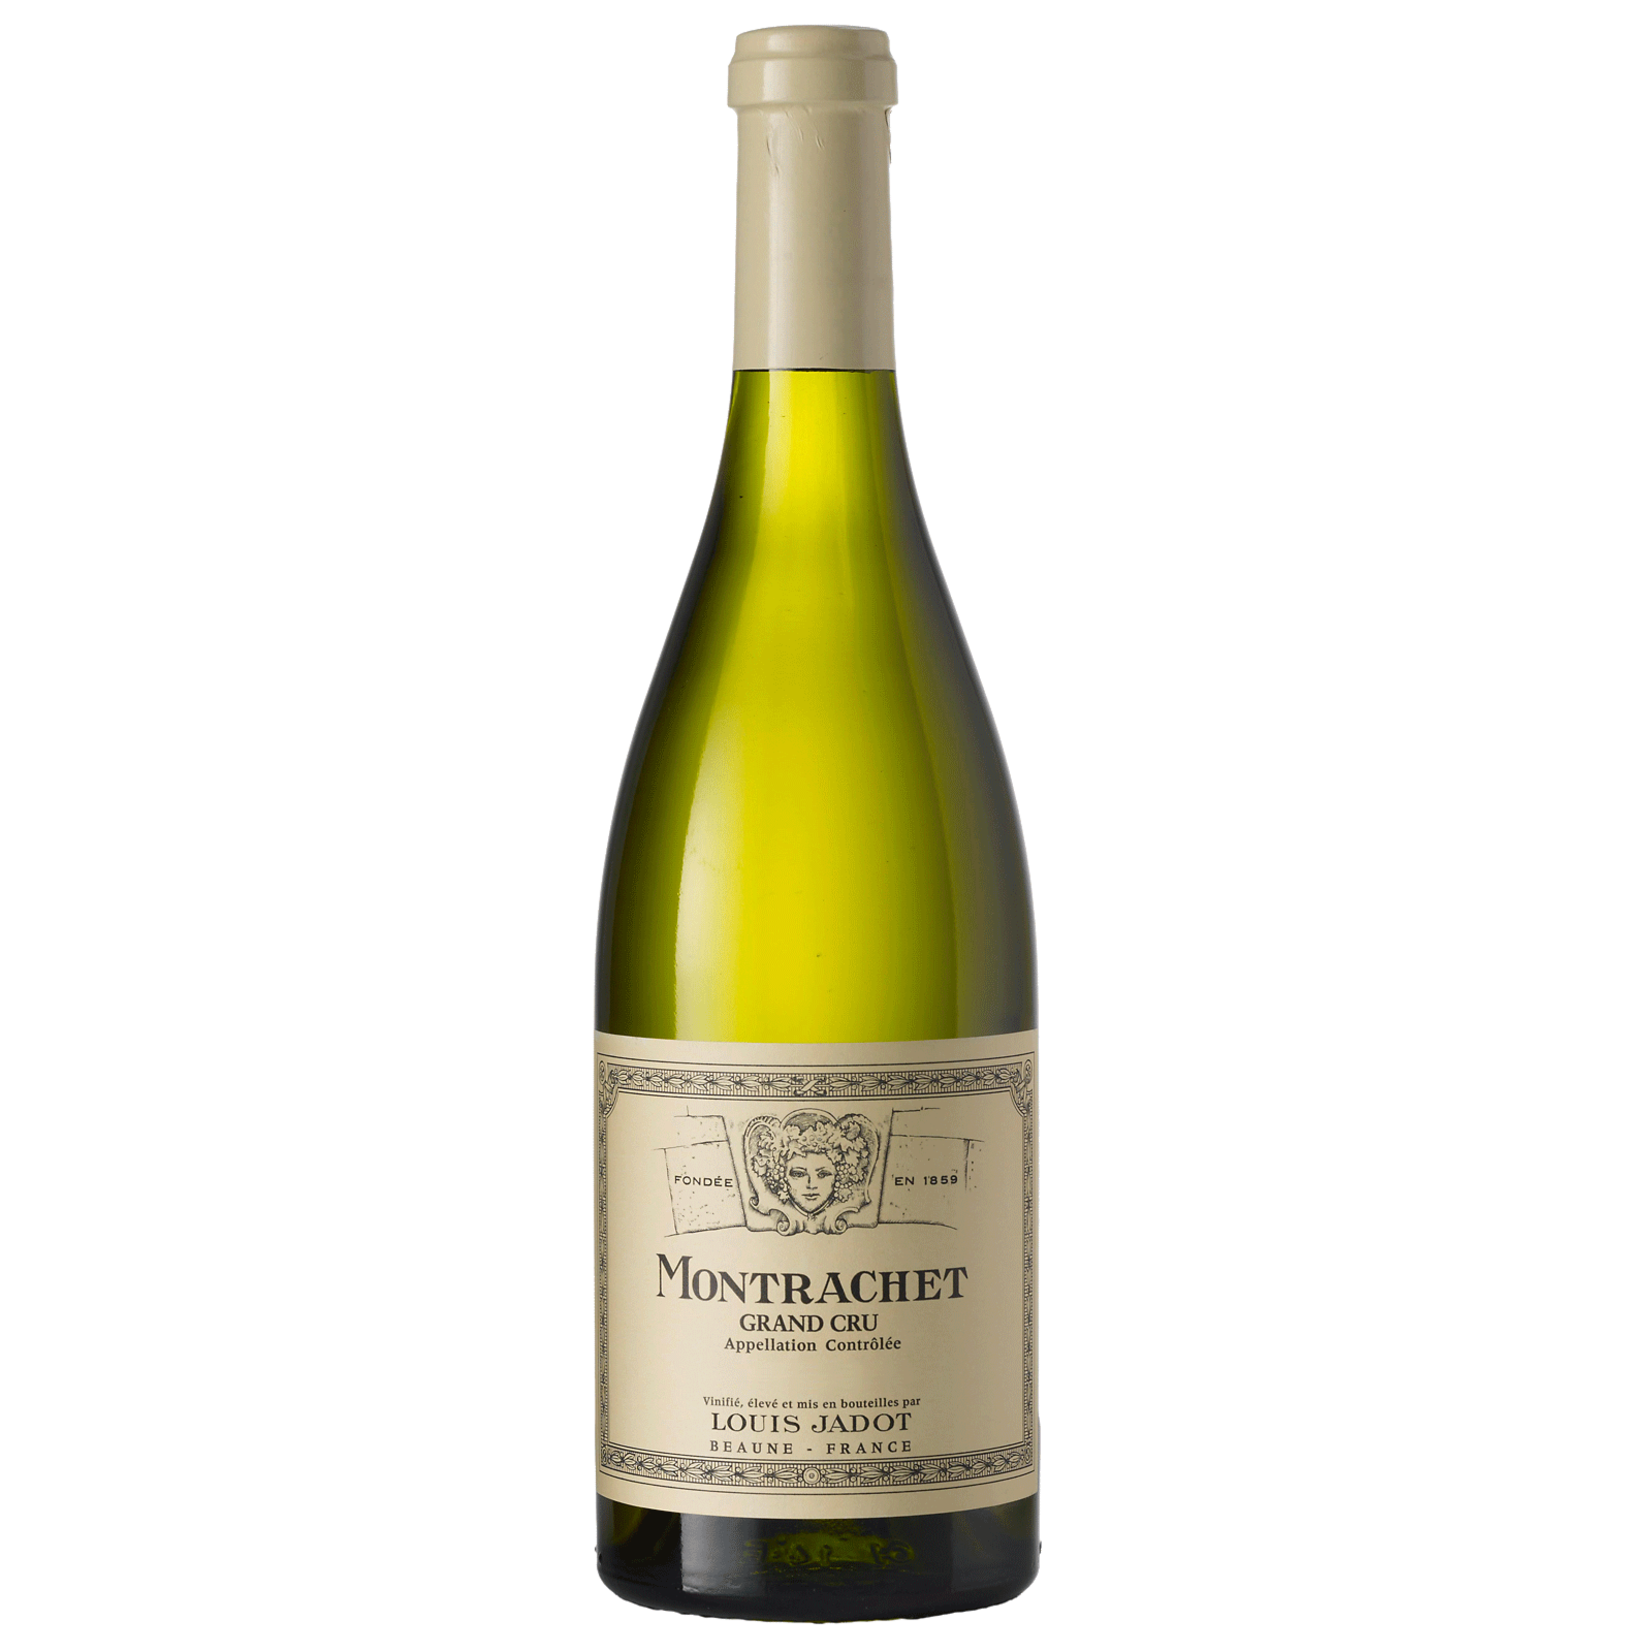 Wine Montrachet Grand Cru Louis Jadot 2019